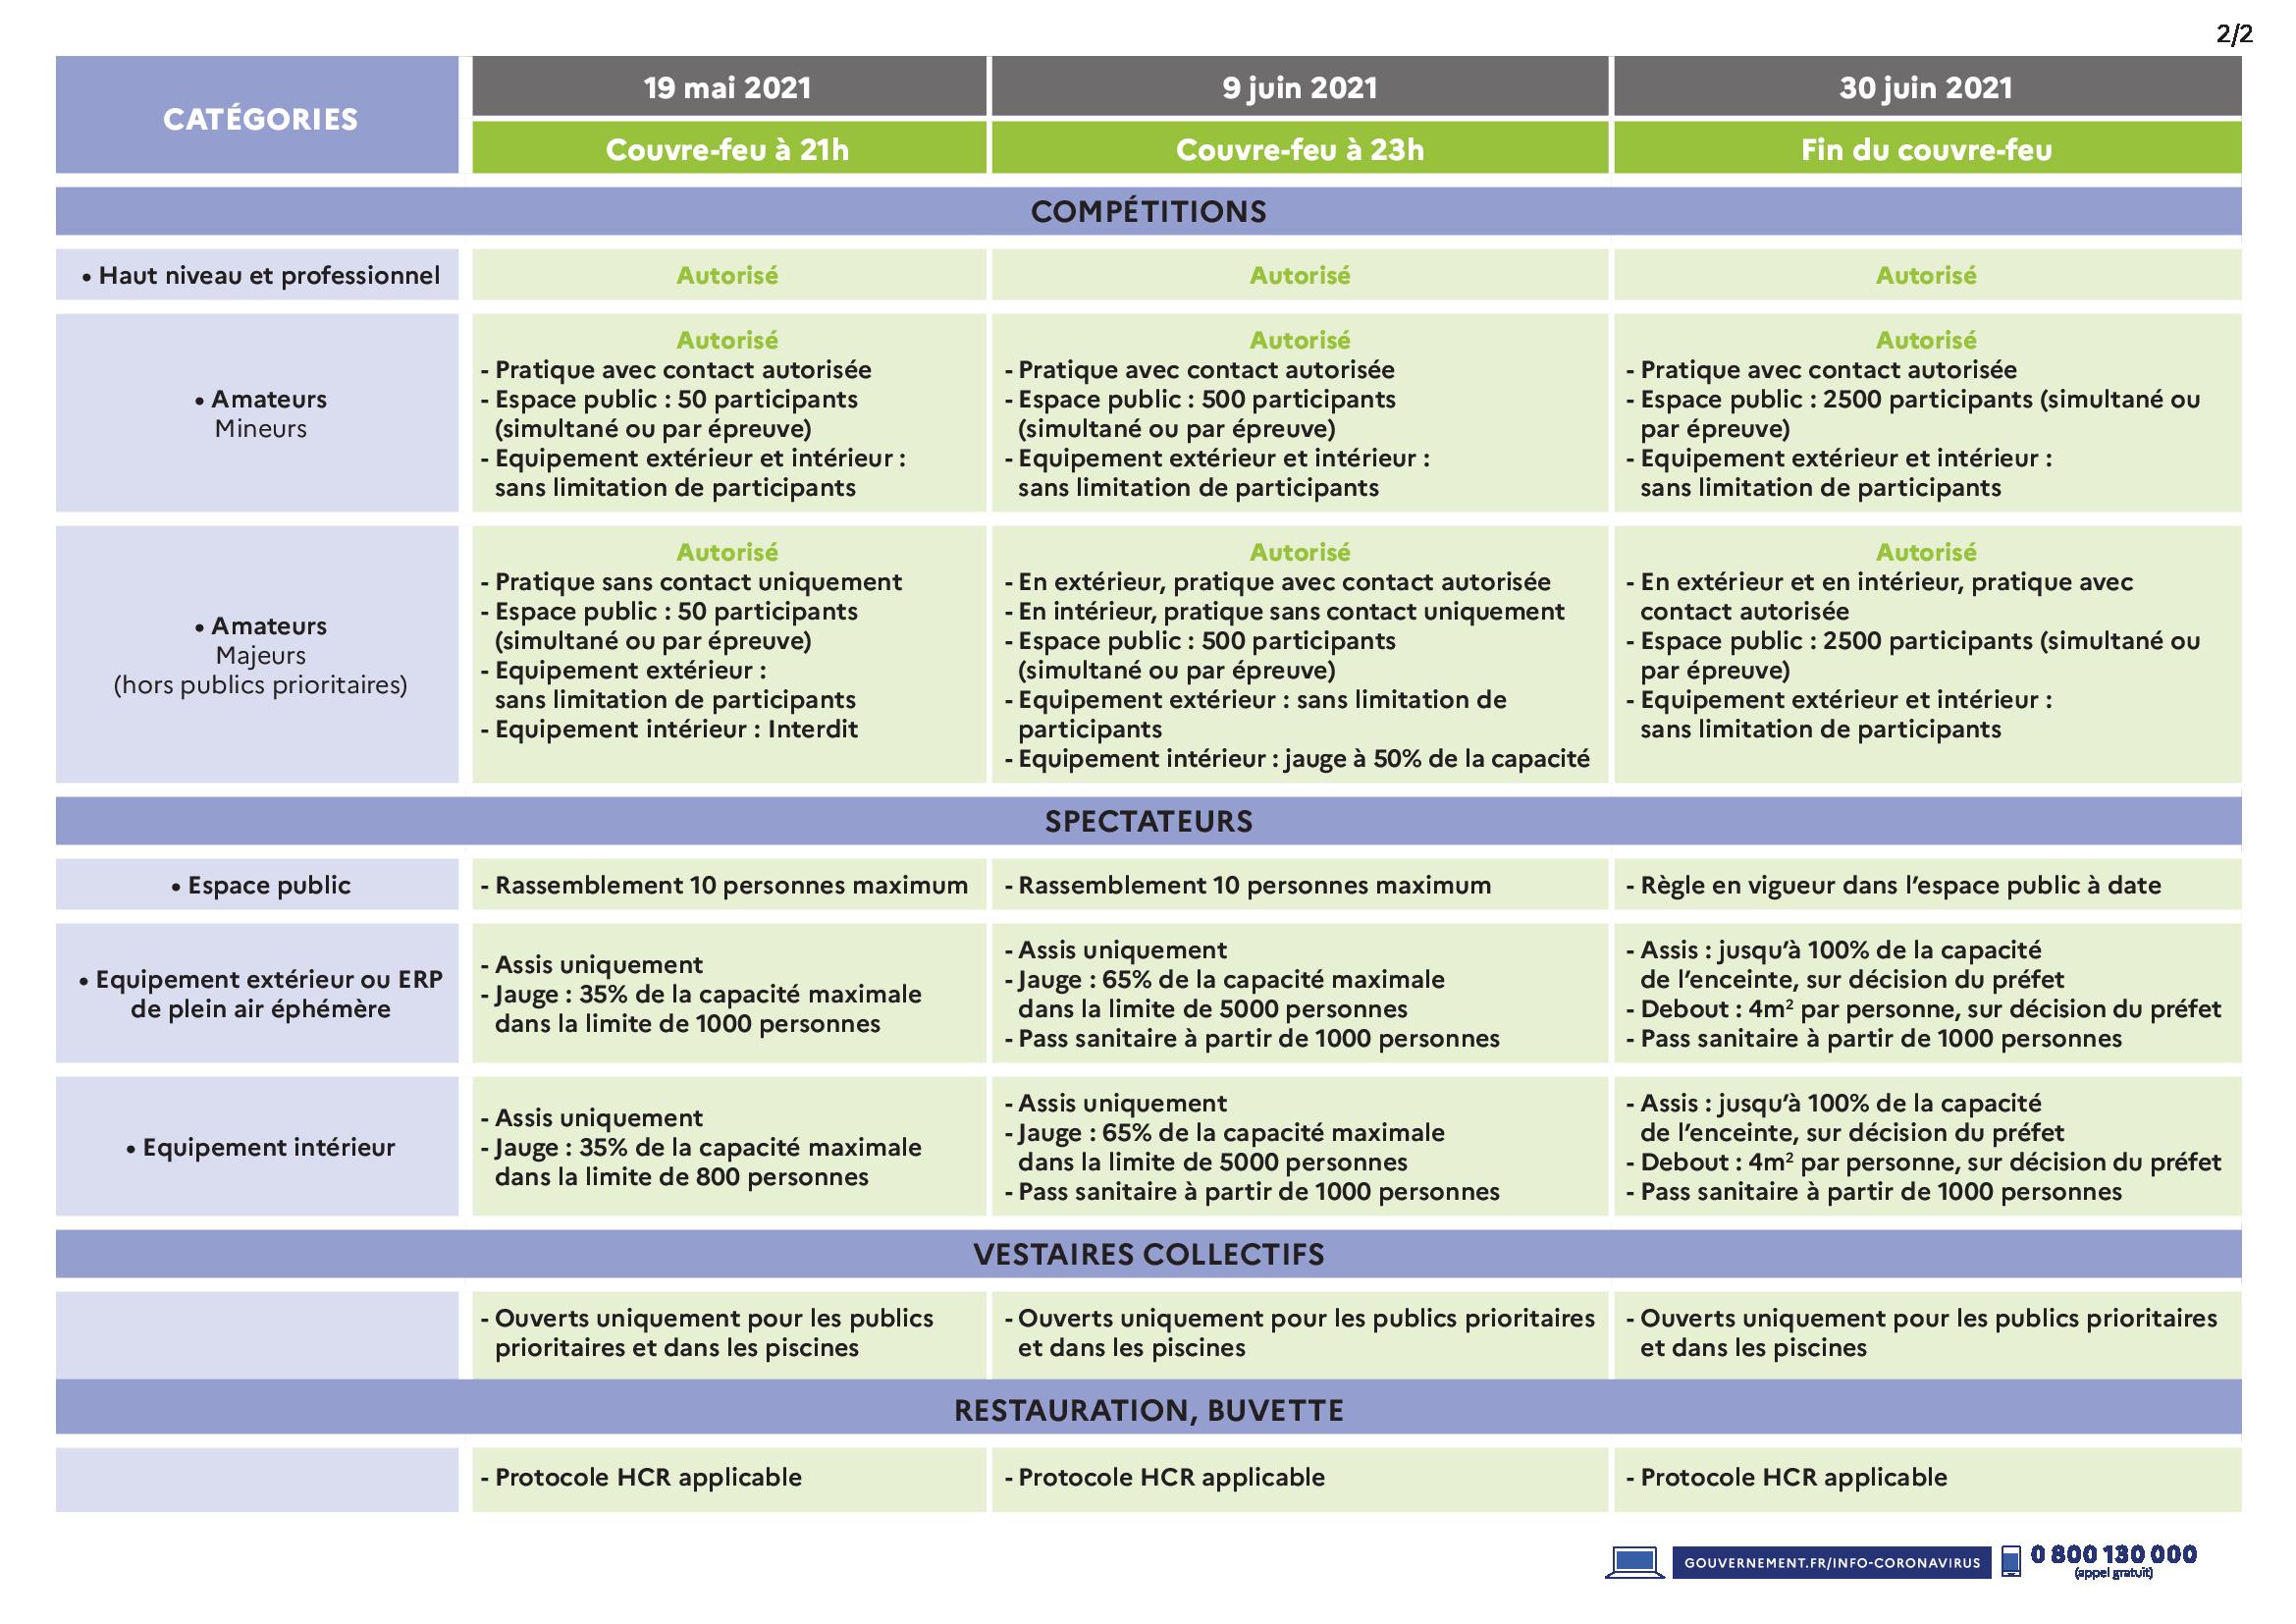 Tableau actualisé des mesures sanitaires applicables pour le sport valable à partir du 16 janvier 2021